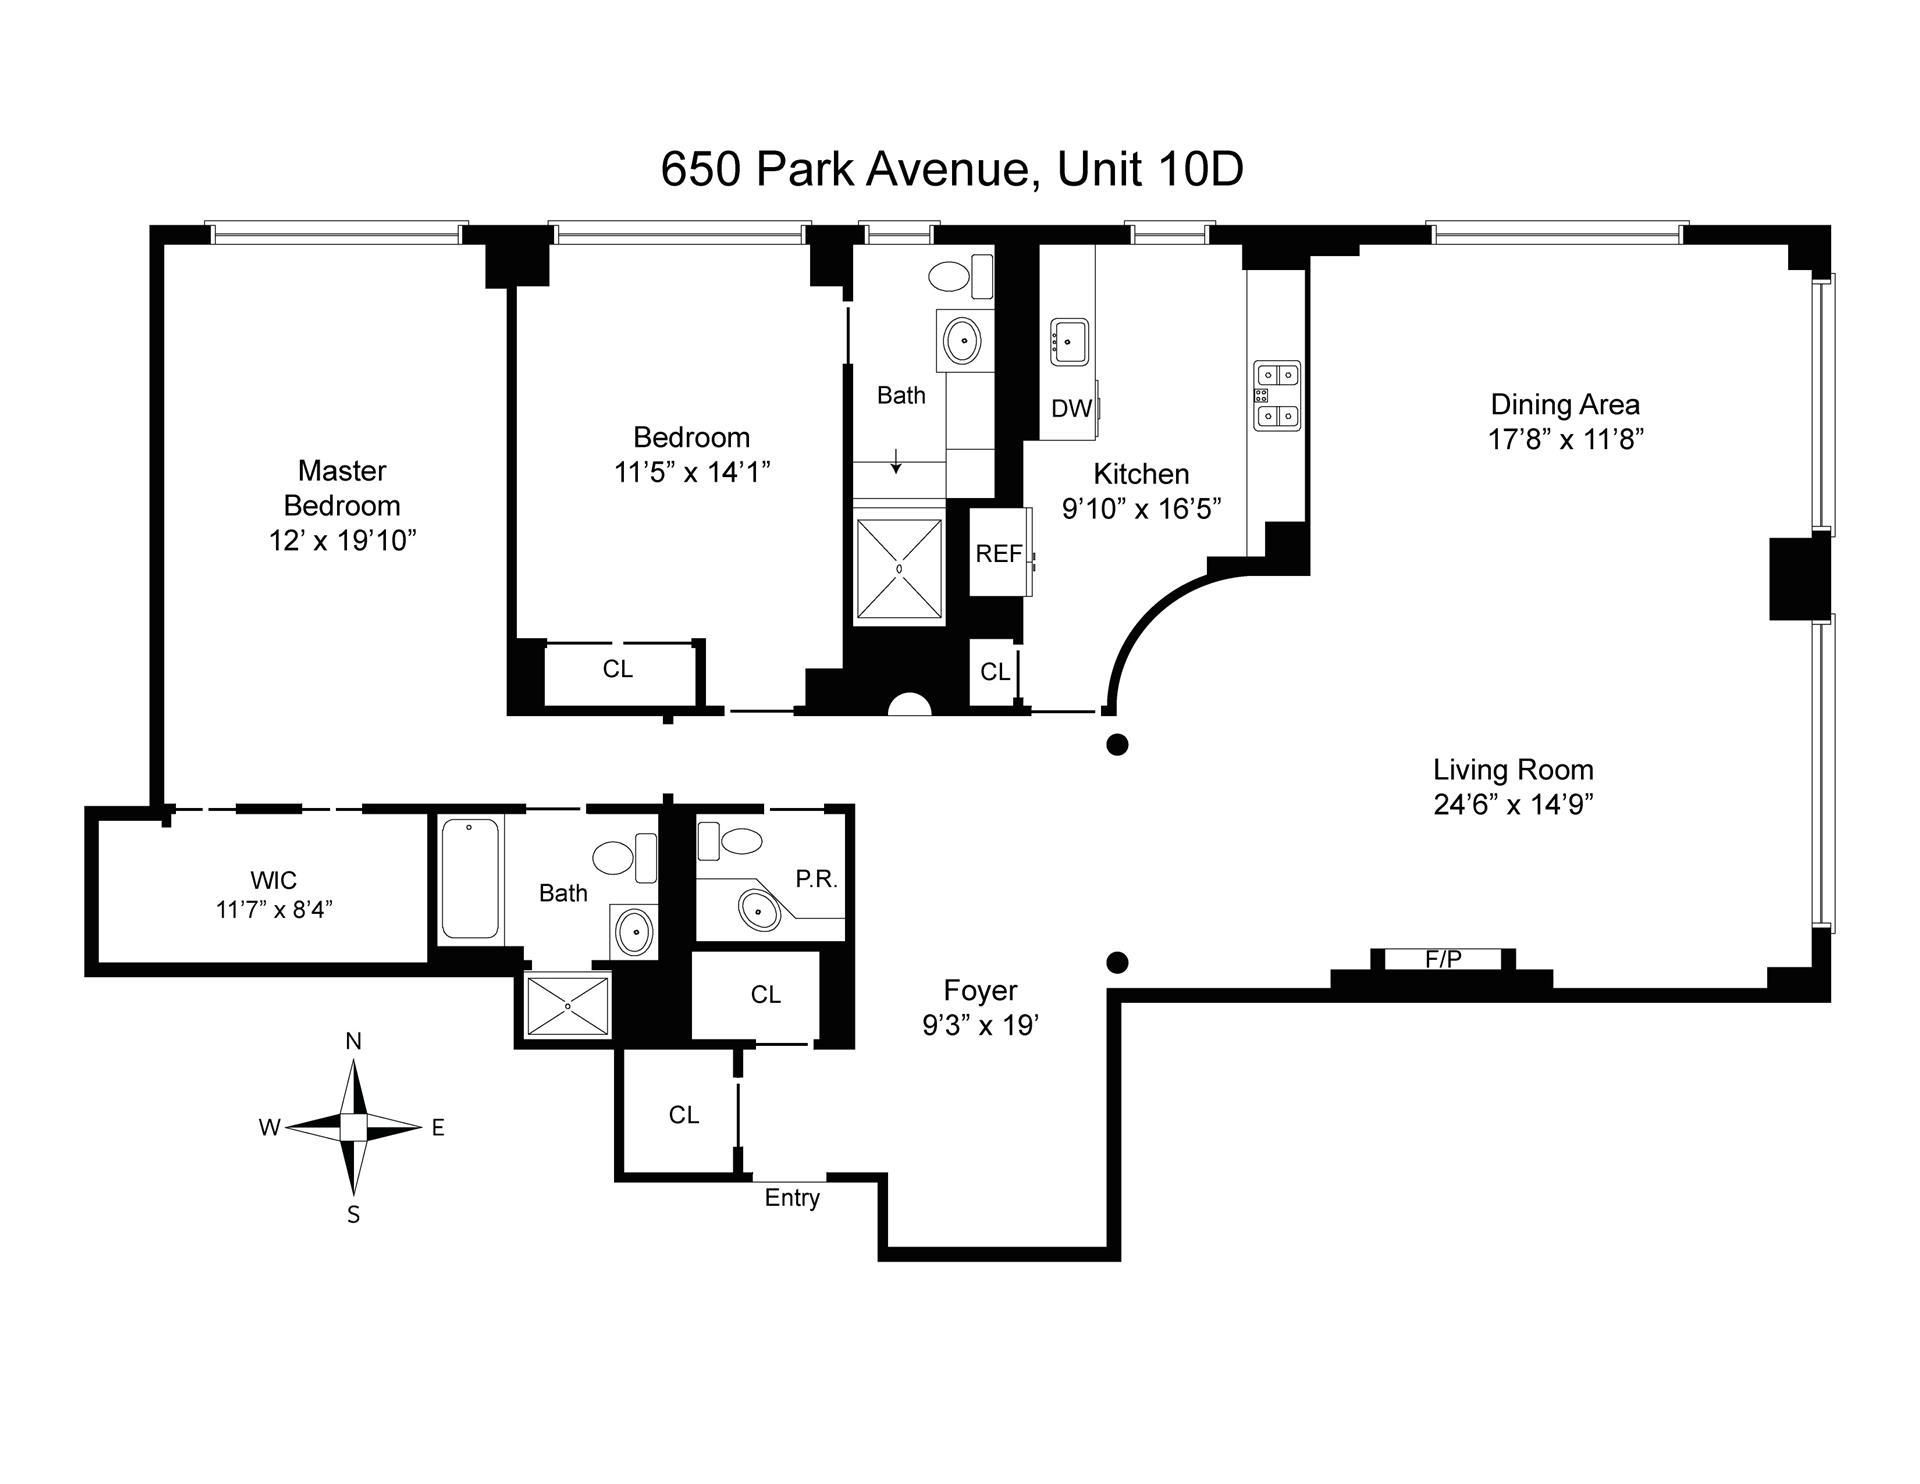 Floor plan of 650 Park Avenue, 10D - Upper East Side, New York